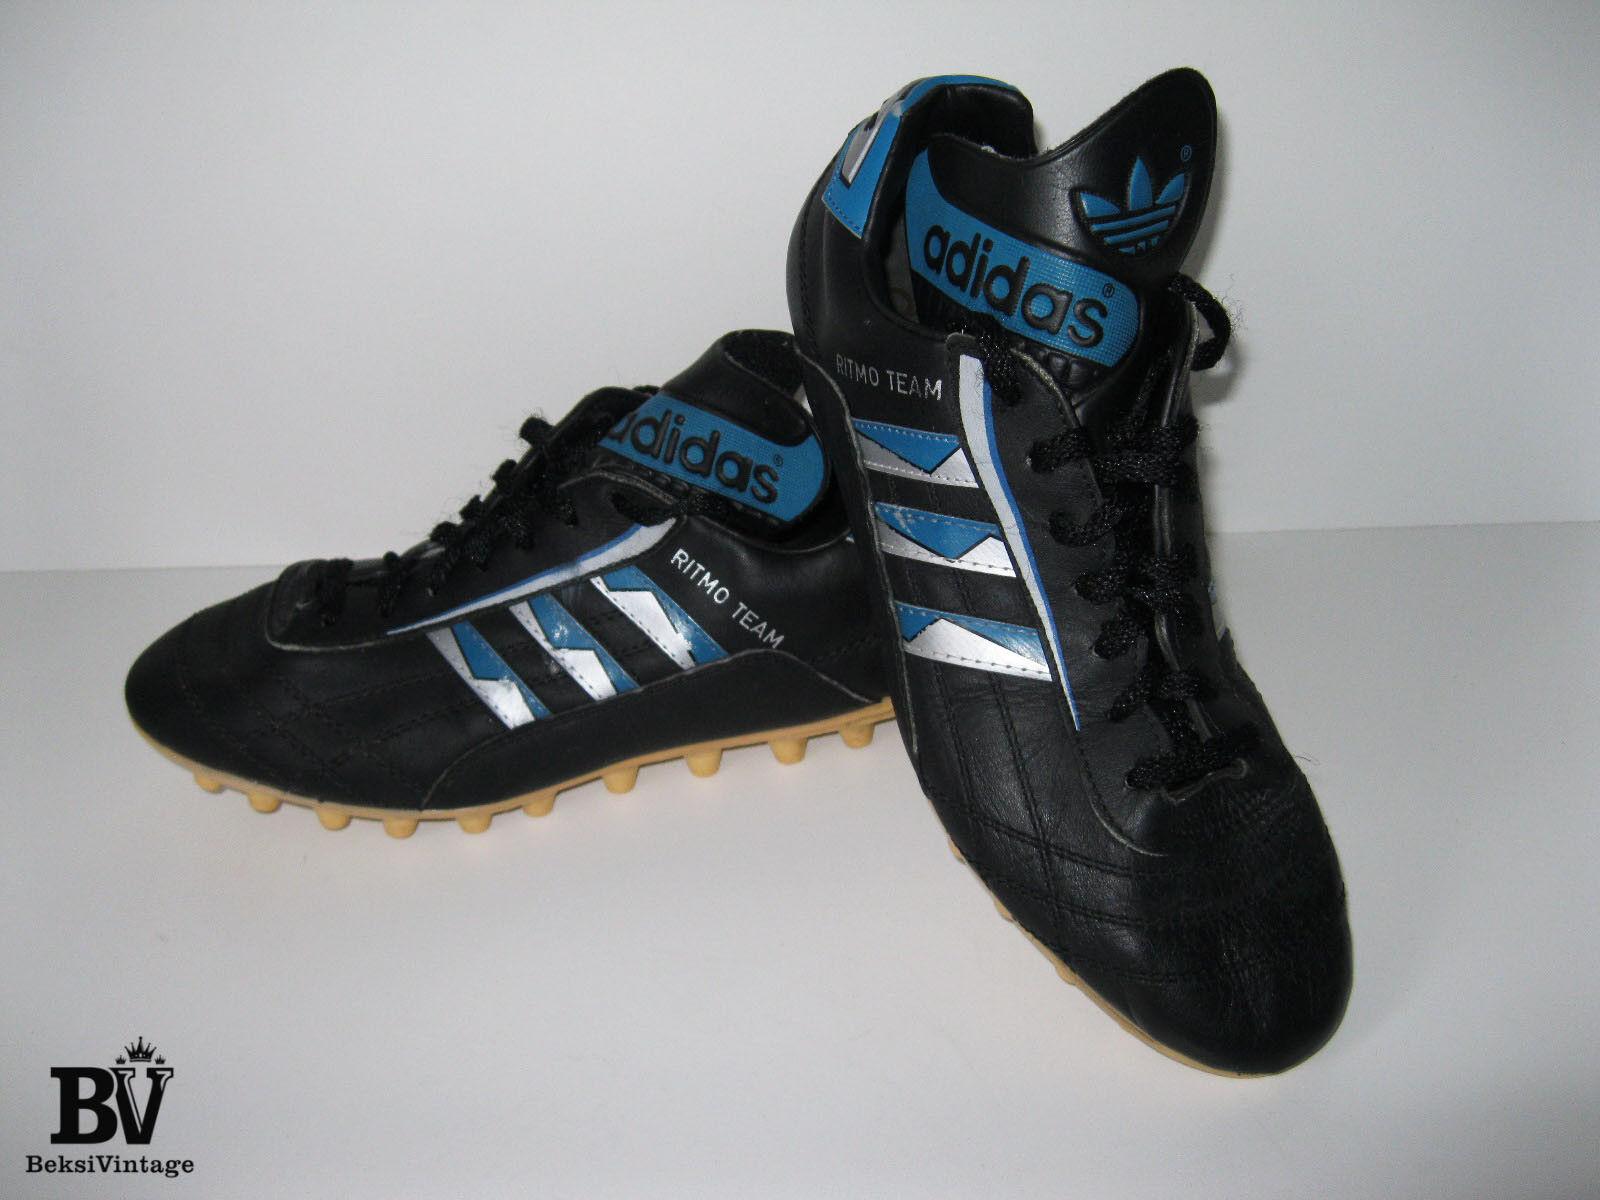 Vintage Retro Adidas Yugoslavia ritmo Equipo Fútbol botas Zapatos años 80 tamaño nos 7.5